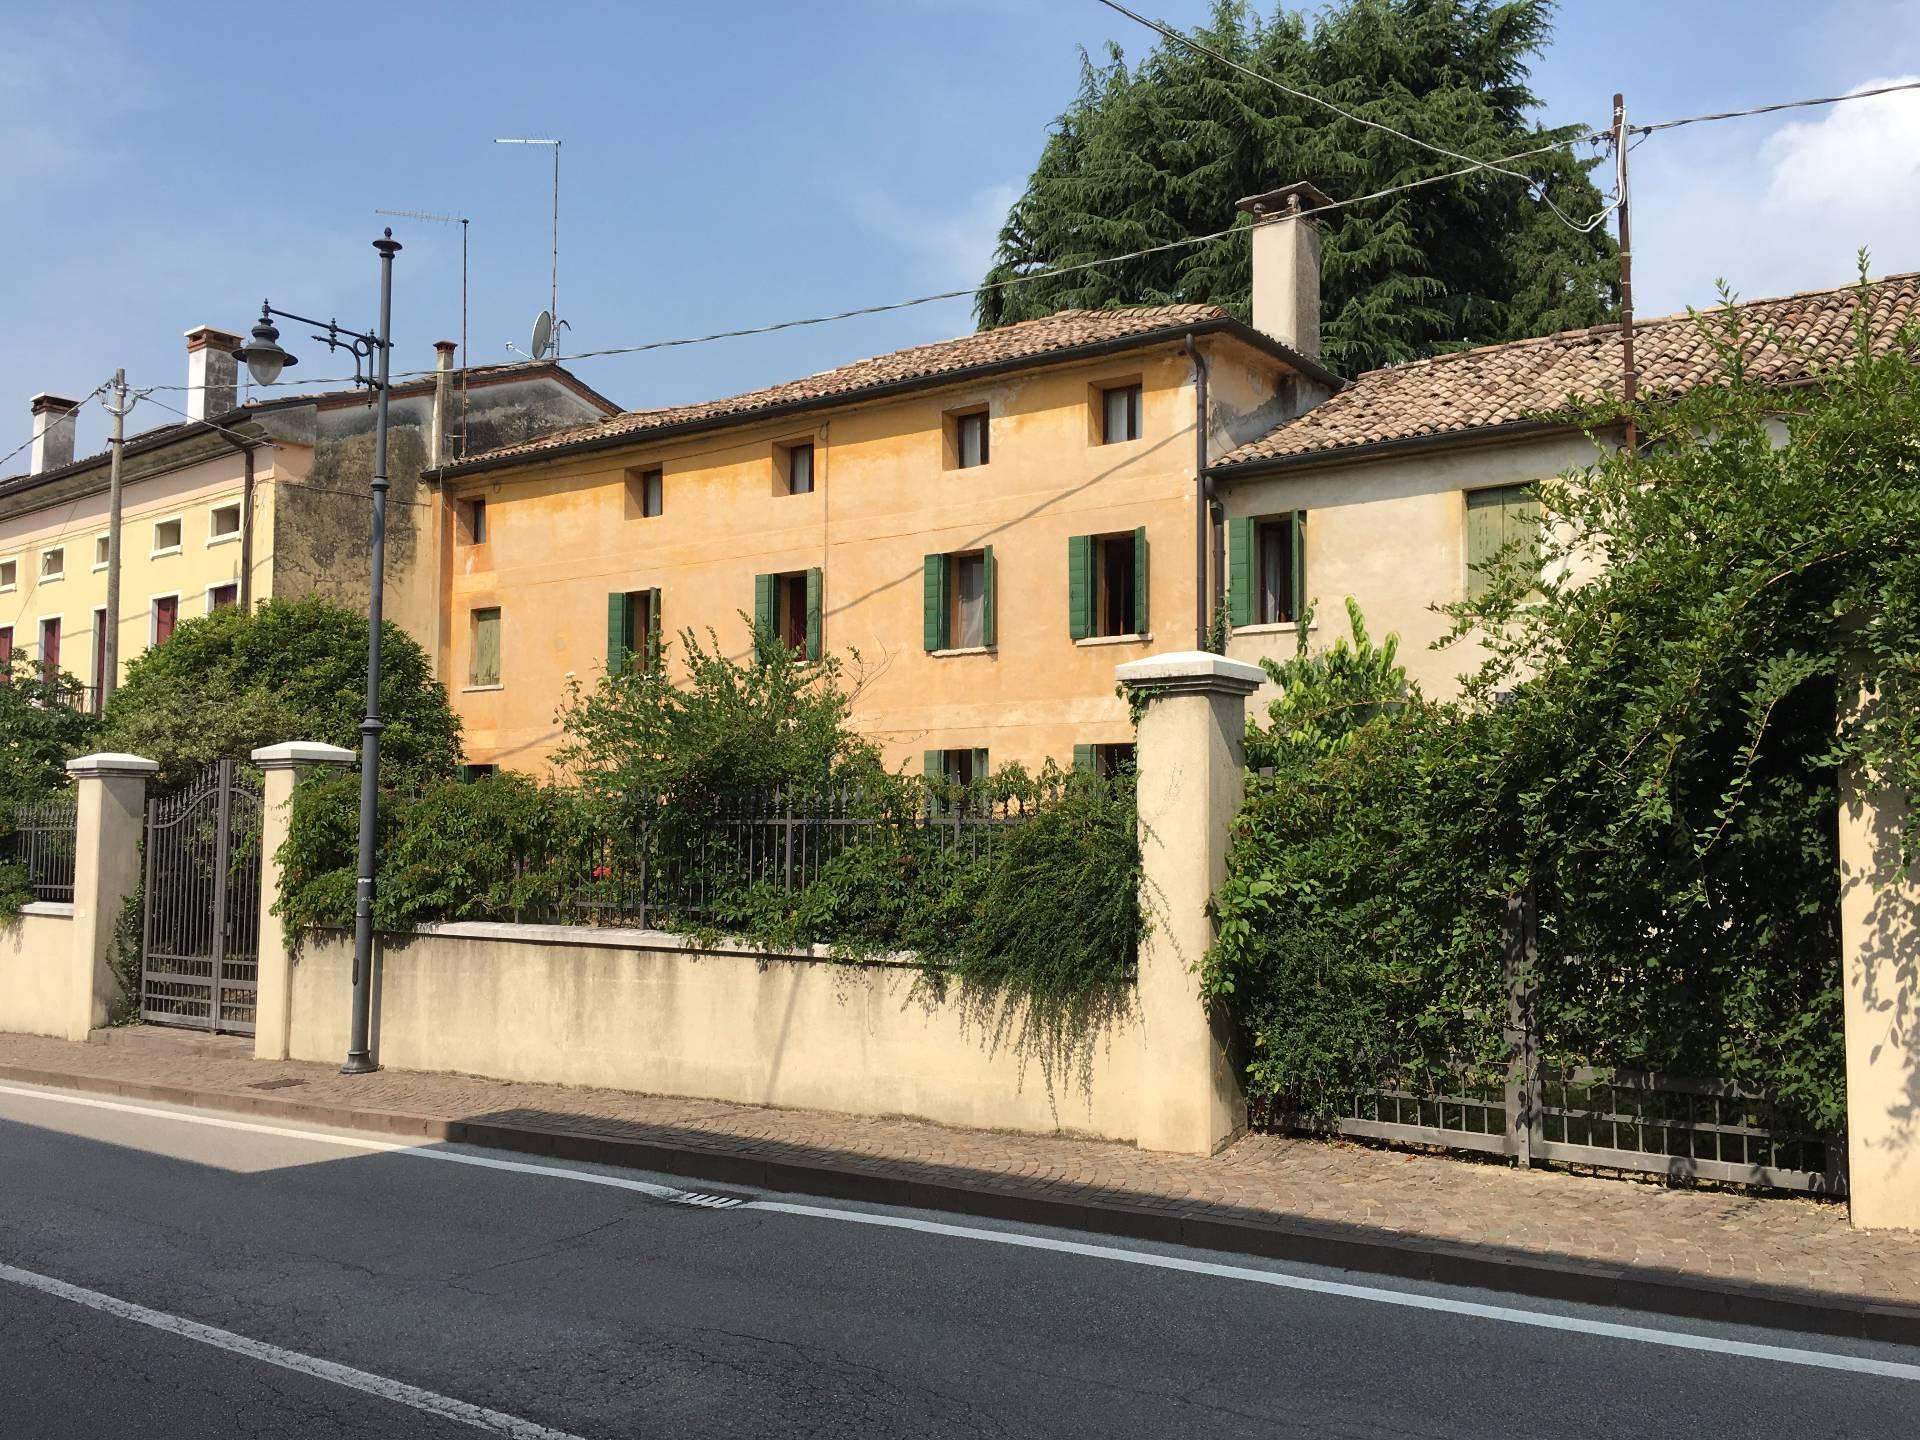 Rustico / Casale in vendita a Pederobba, 20 locali, prezzo € 188.000 | CambioCasa.it